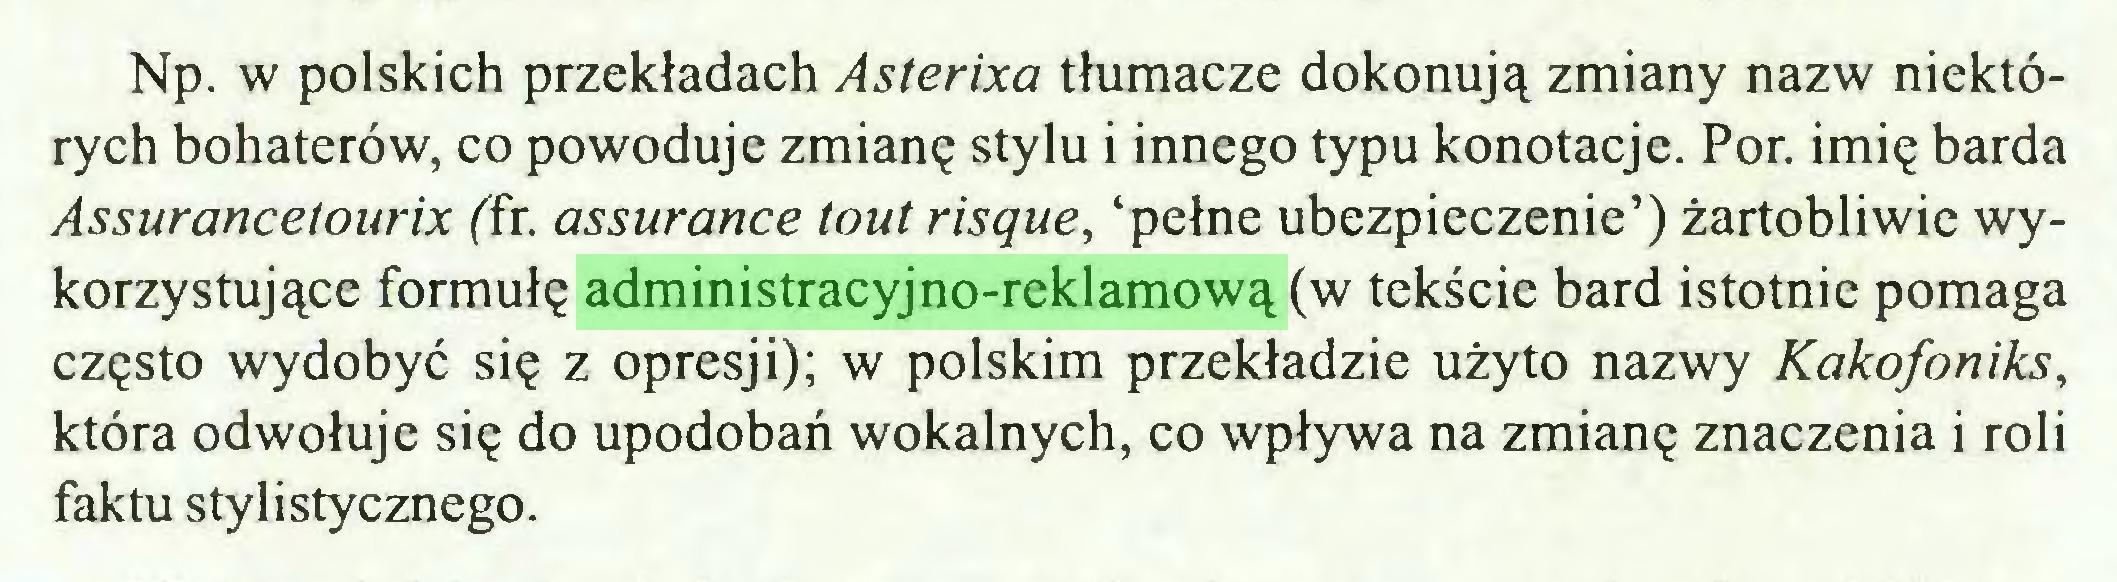 (...) Np. w polskich przekładach Asterixa tłumacze dokonują zmiany nazw niektórych bohaterów, co powoduje zmianę stylu i innego typu konotacje. Por. imię barda Assurancetourix (fr. assurance tout risque, 'pełne ubezpieczenie') żartobliwie wykorzystujące formułę administracyjno-reklamową (w tekście bard istotnie pomaga często wydobyć się z opresji); w polskim przekładzie użyto nazwy Kakofoniks, która odwołuje się do upodobań wokalnych, co wpływa na zmianę znaczenia i roli faktu stylistycznego...